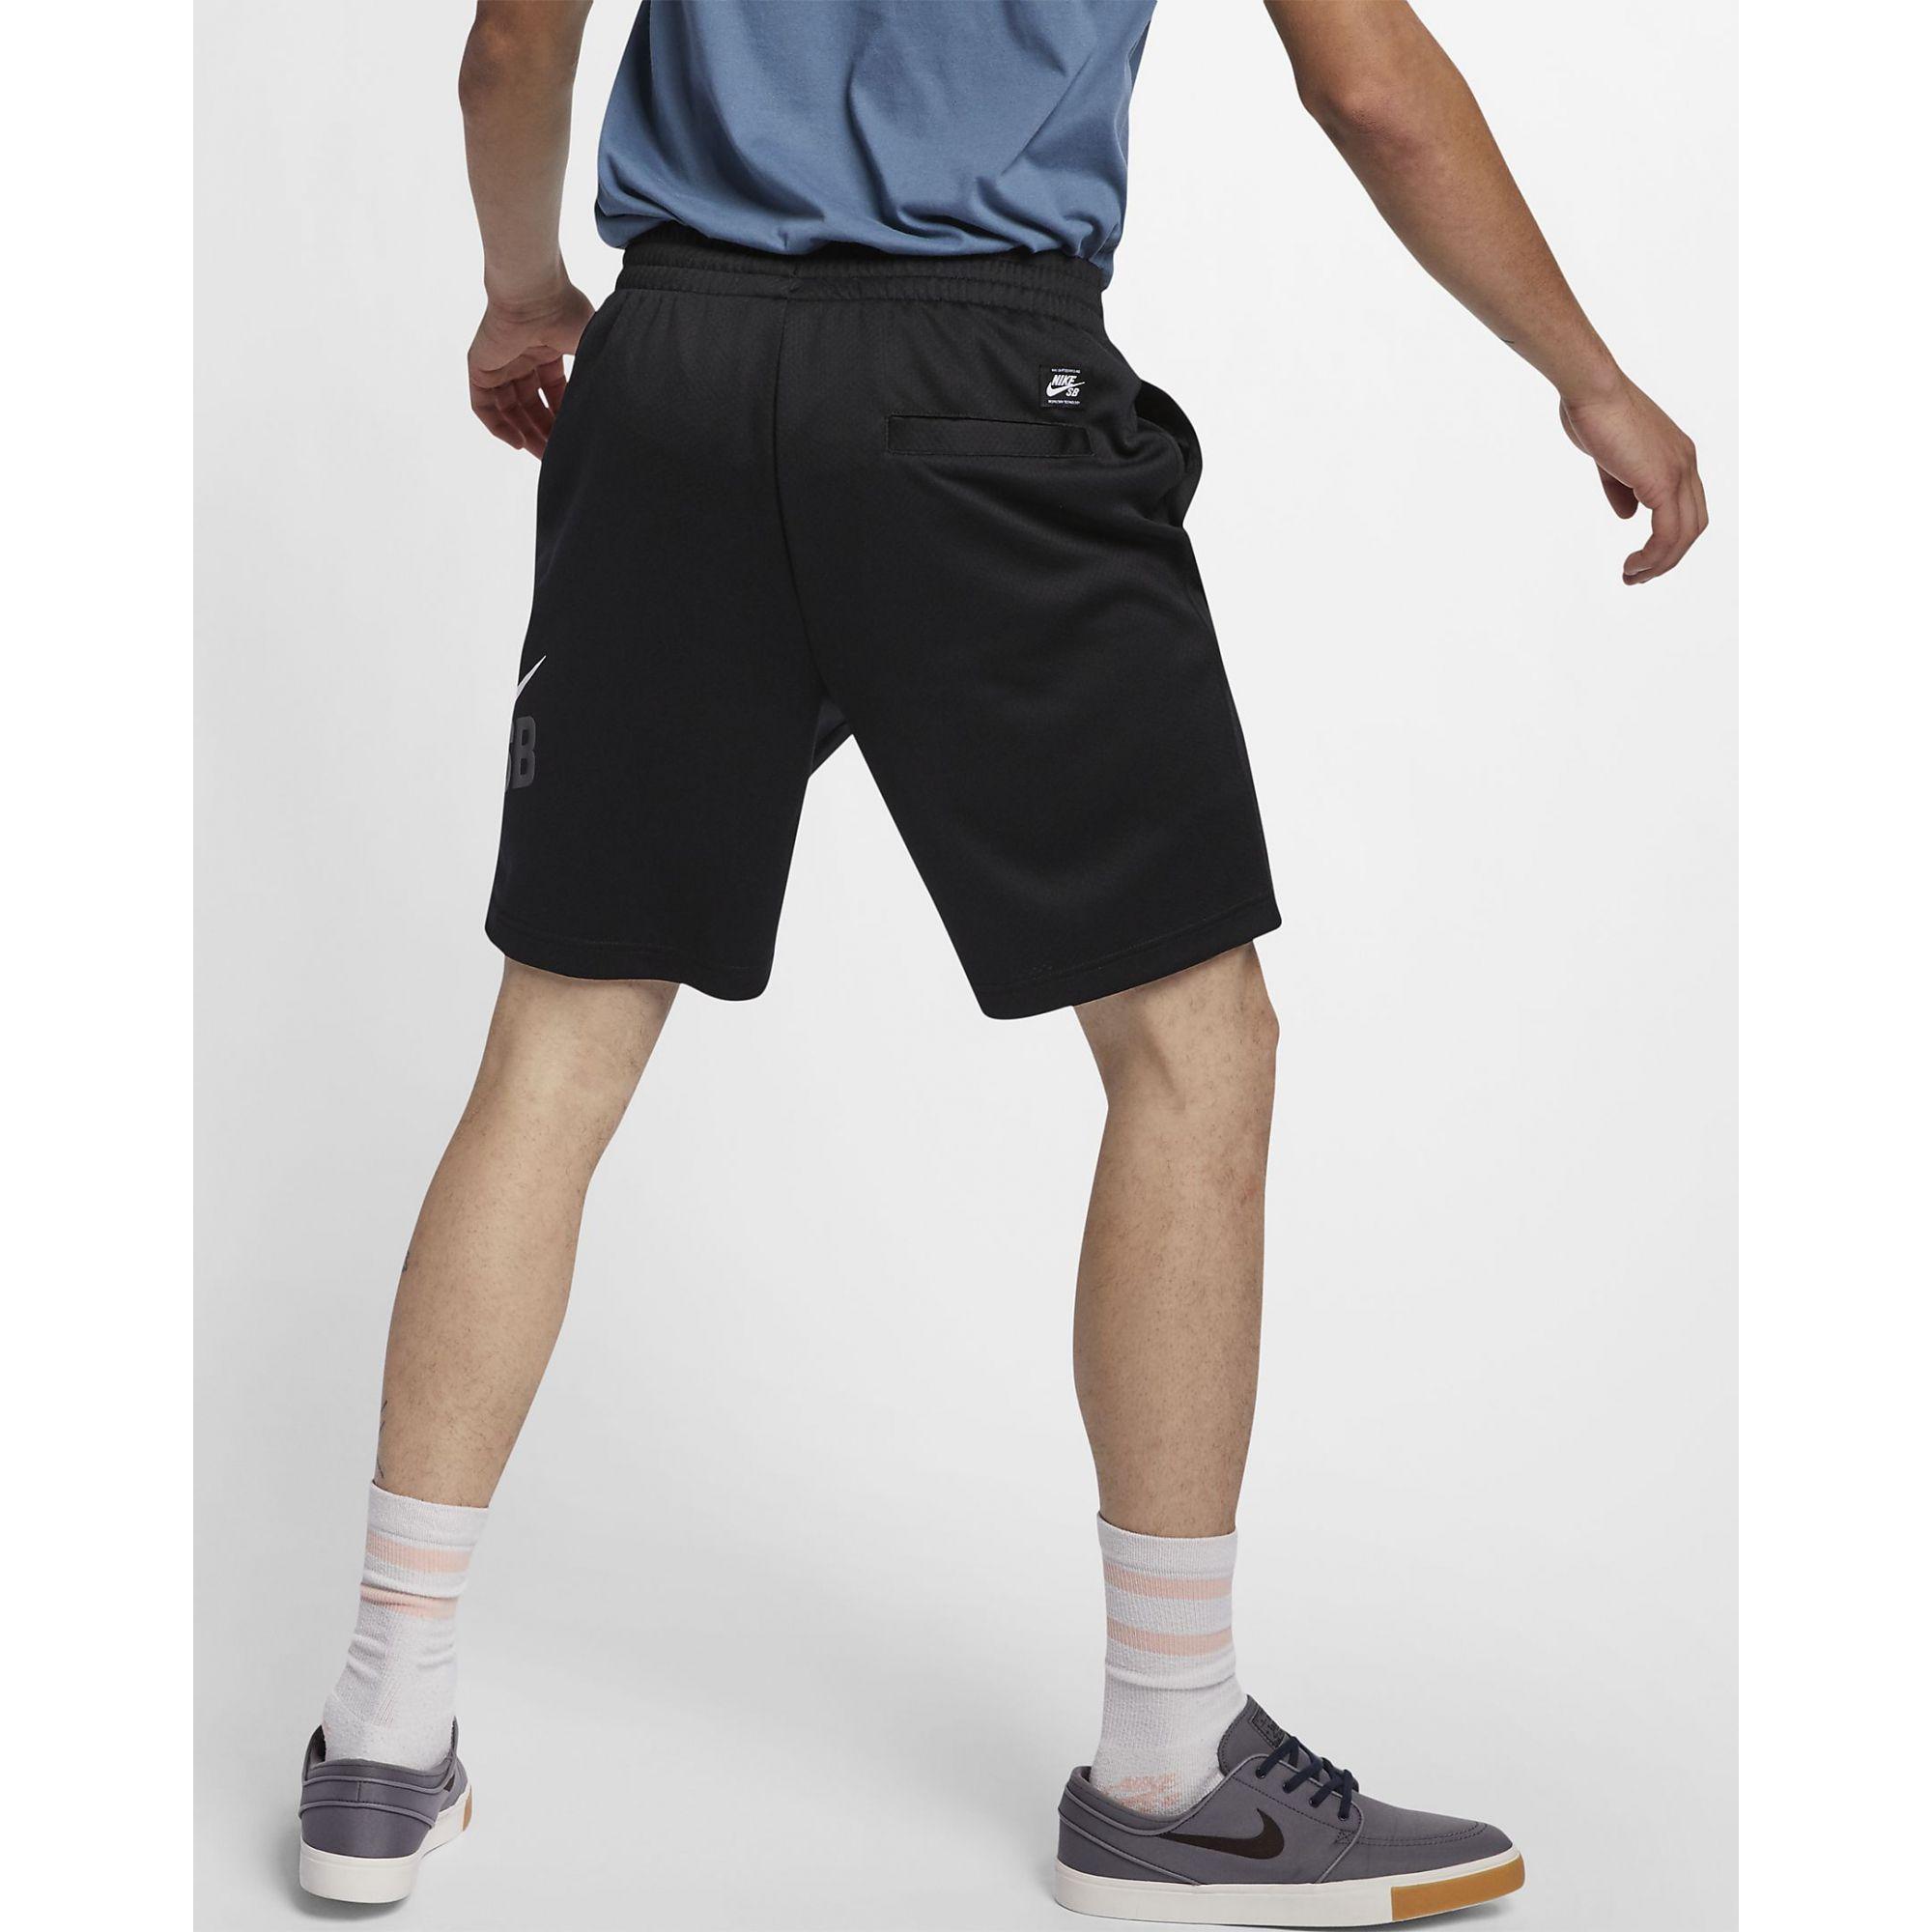 Shorts Nike SB Dry HBR Sunday